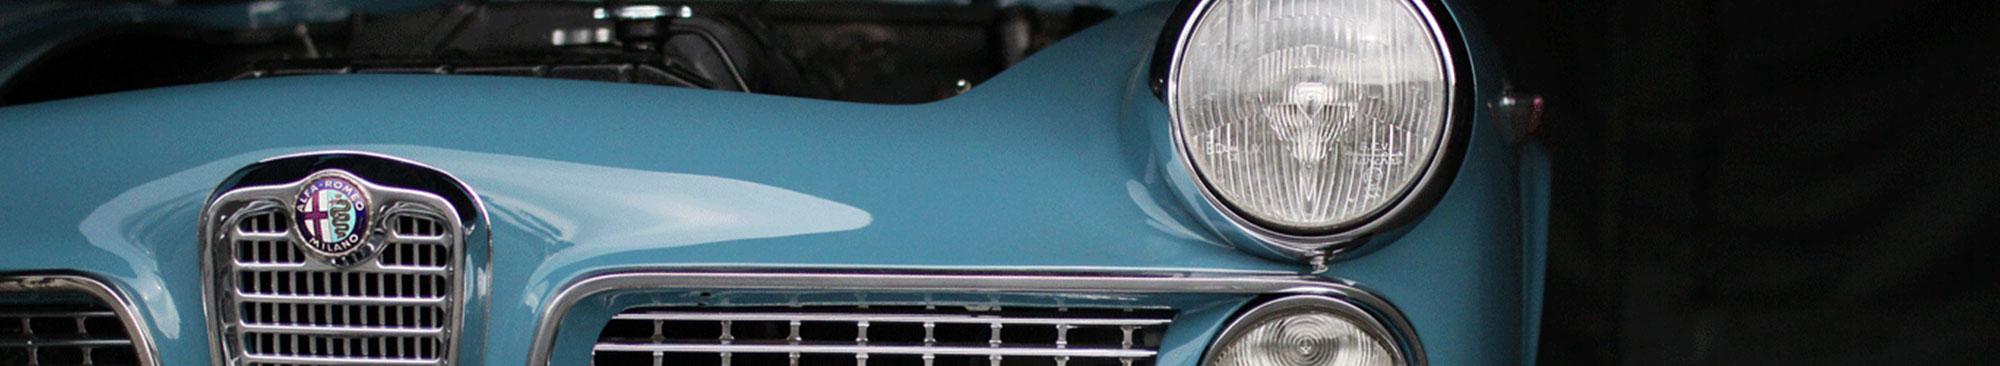 Alfa Romeo ljusblå cabriolet